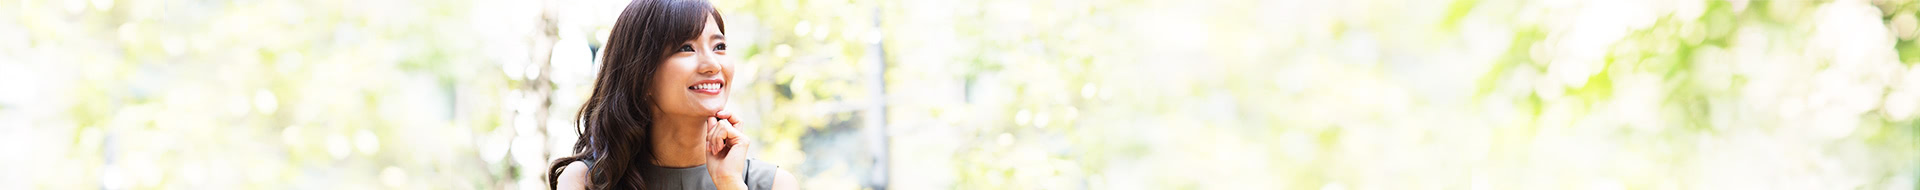 » 11/16 (土) 11:00~13:00 高年収女子のためのHAPPY投資術のメインビジュアル